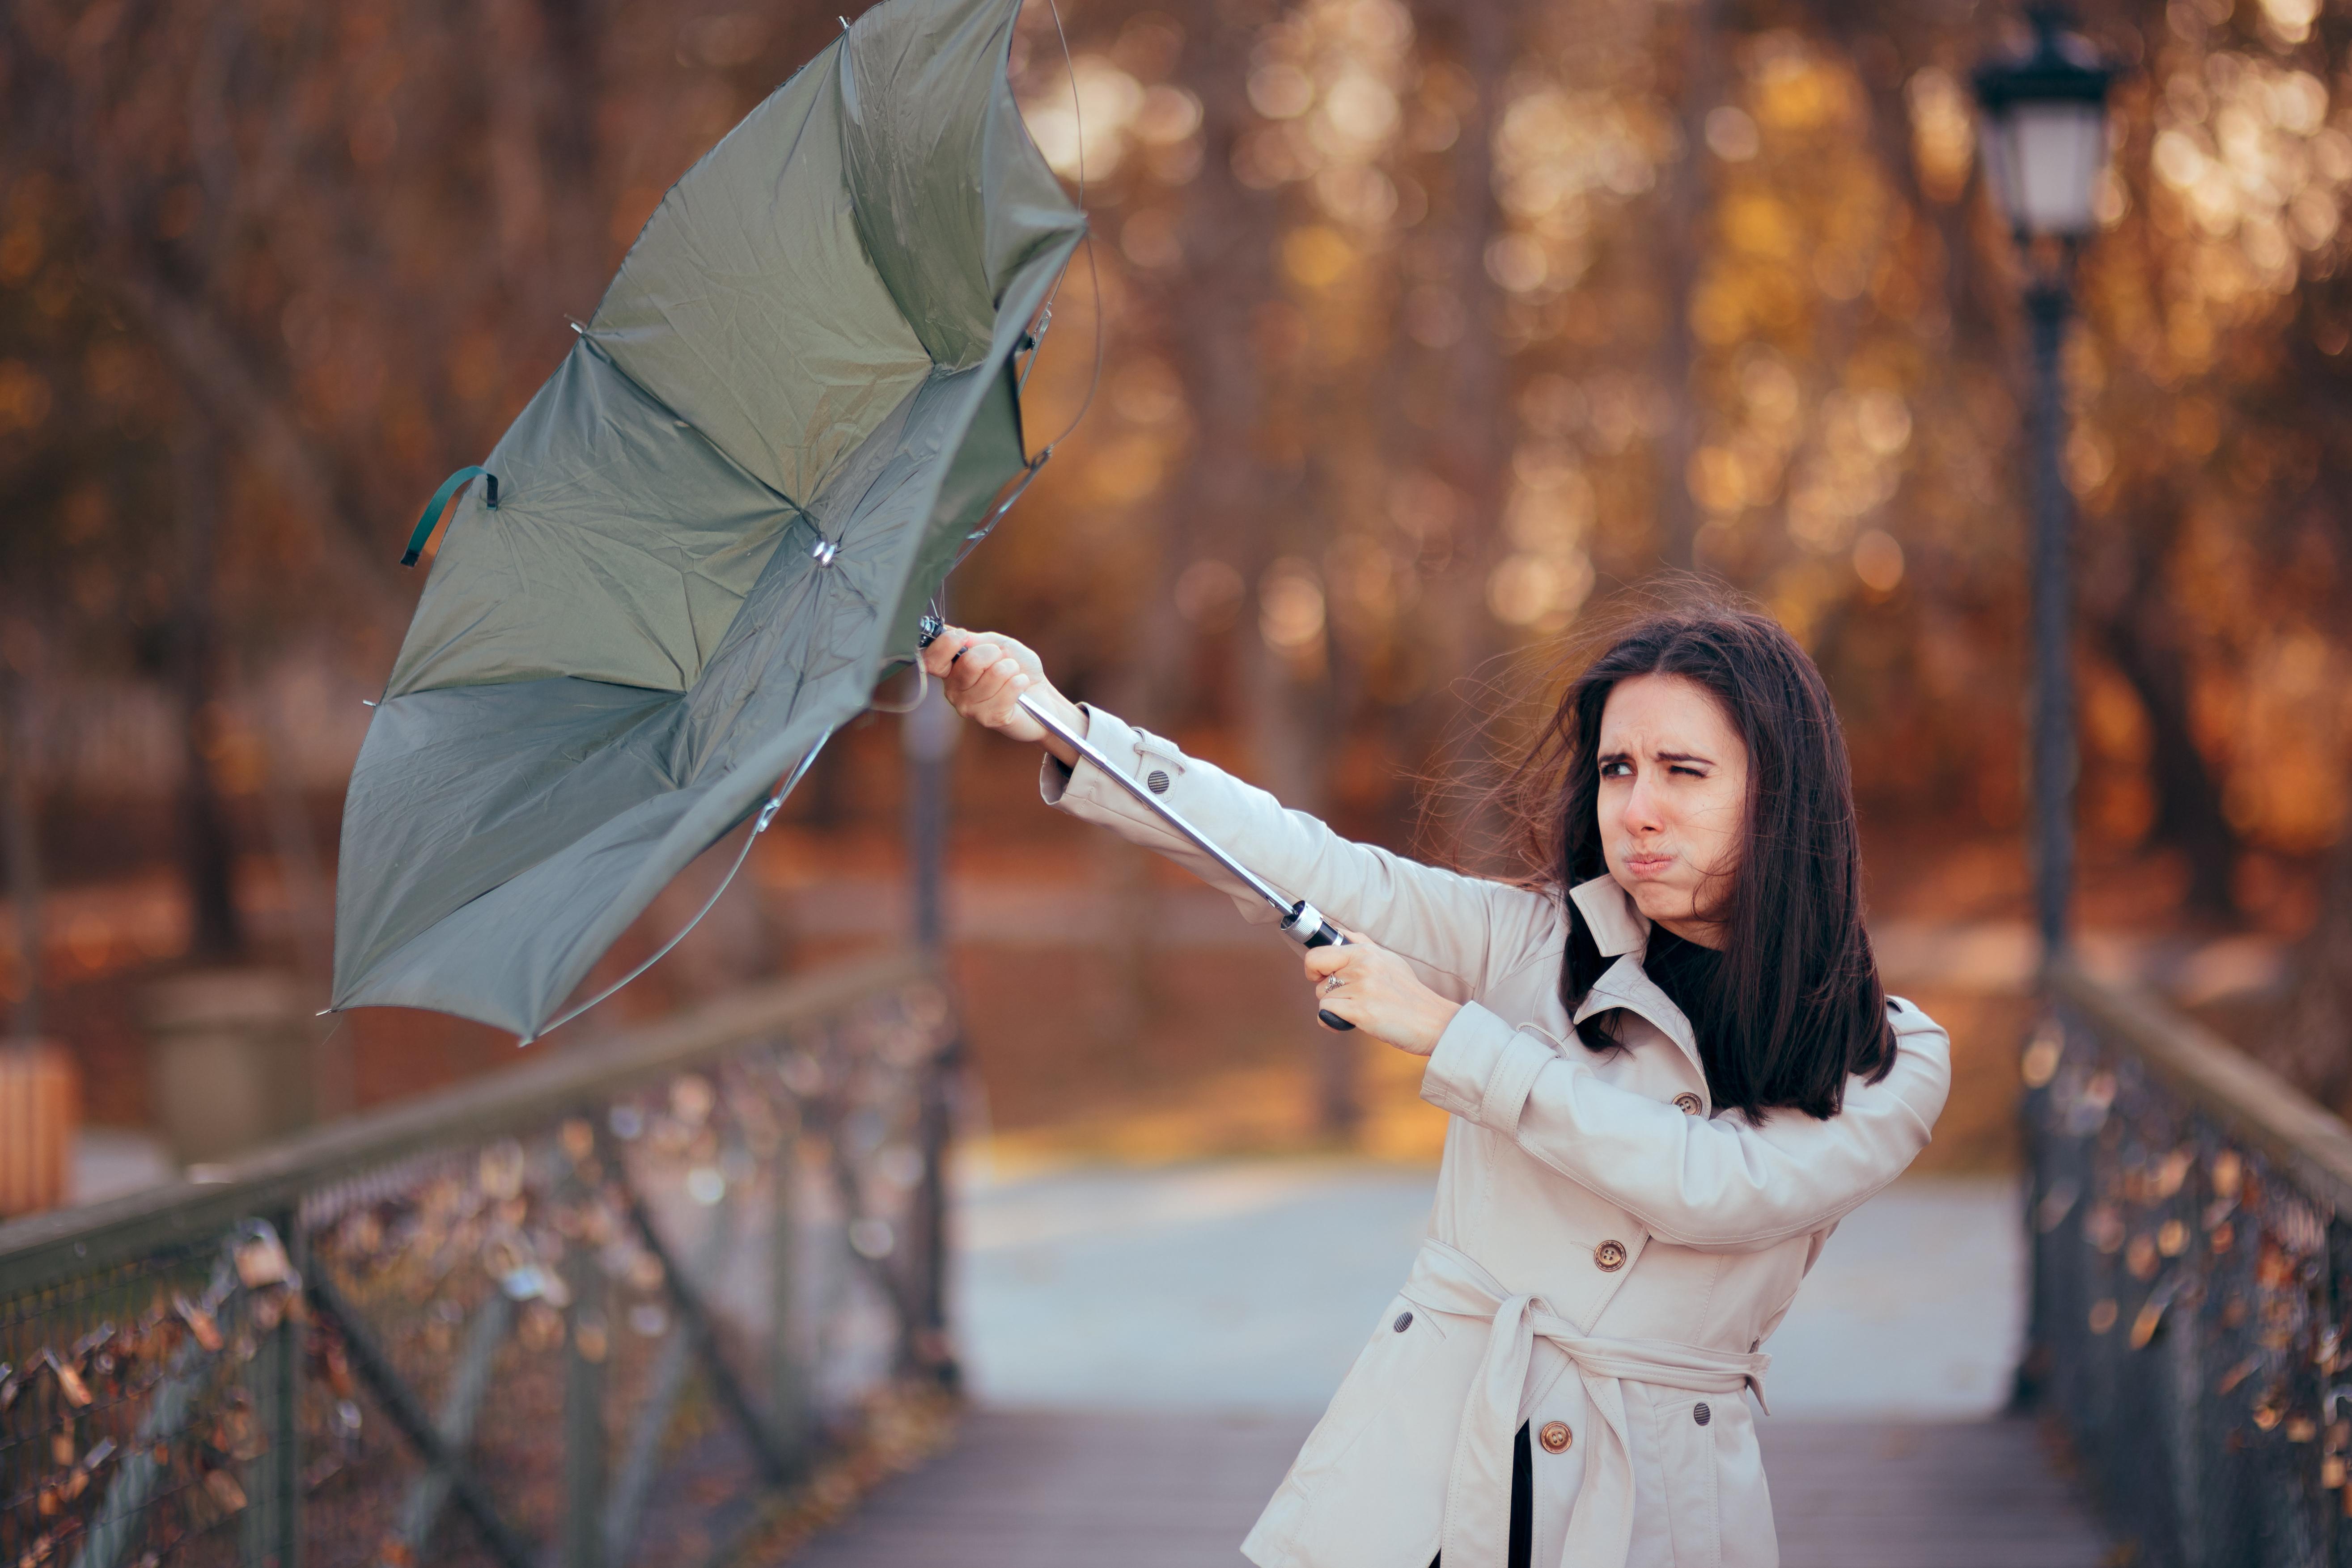 durable umbrella